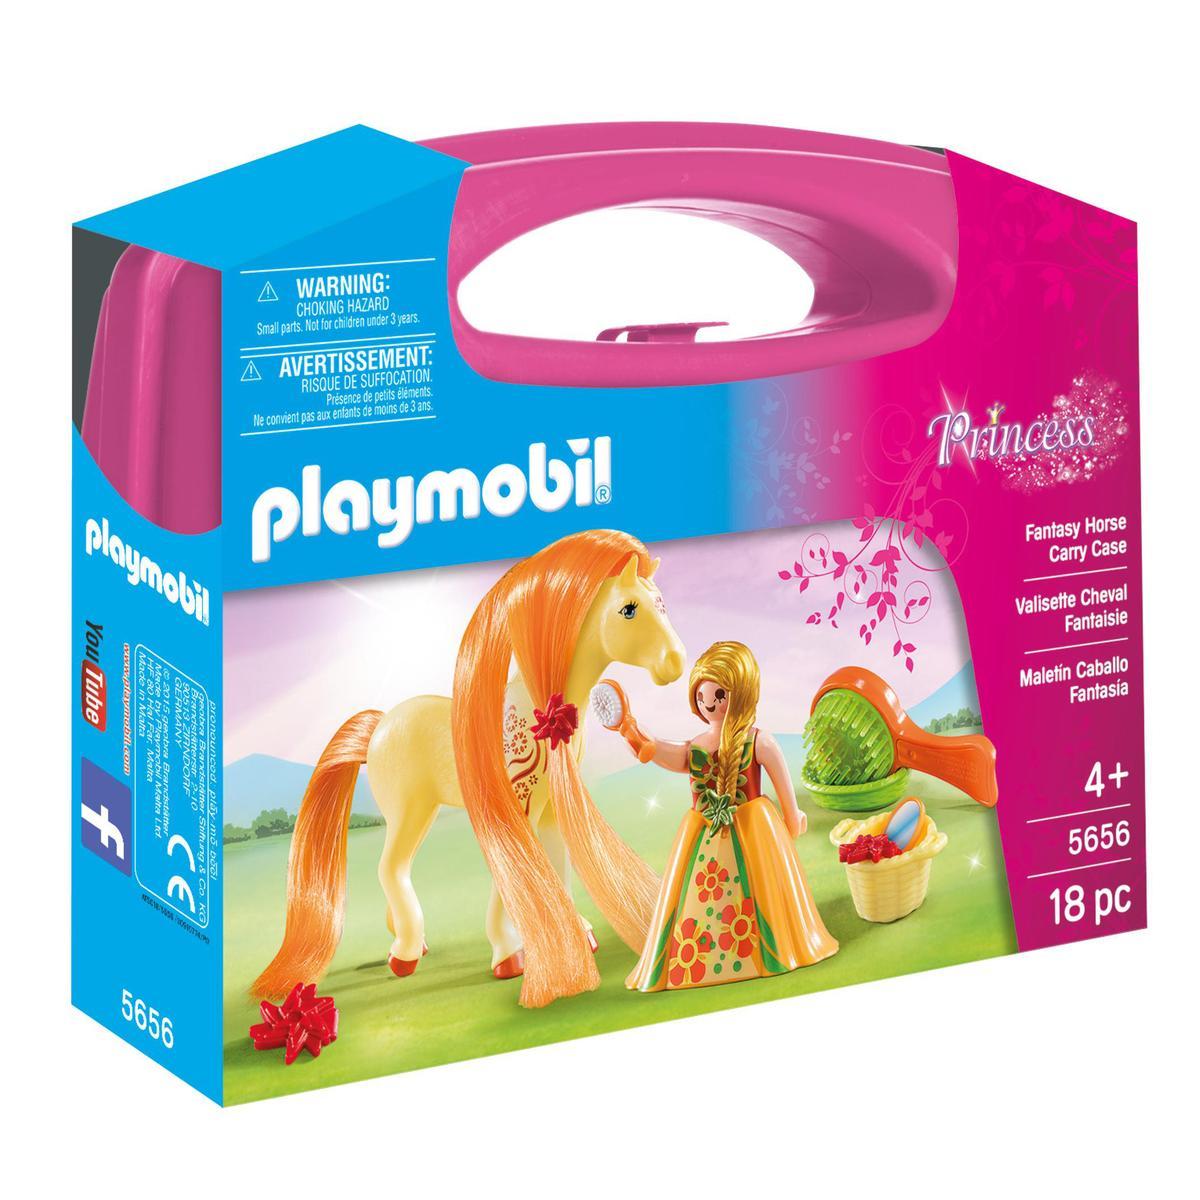 PLAYMOBIL® Princess Valisette Princesse et cheval à coiffer, 5656